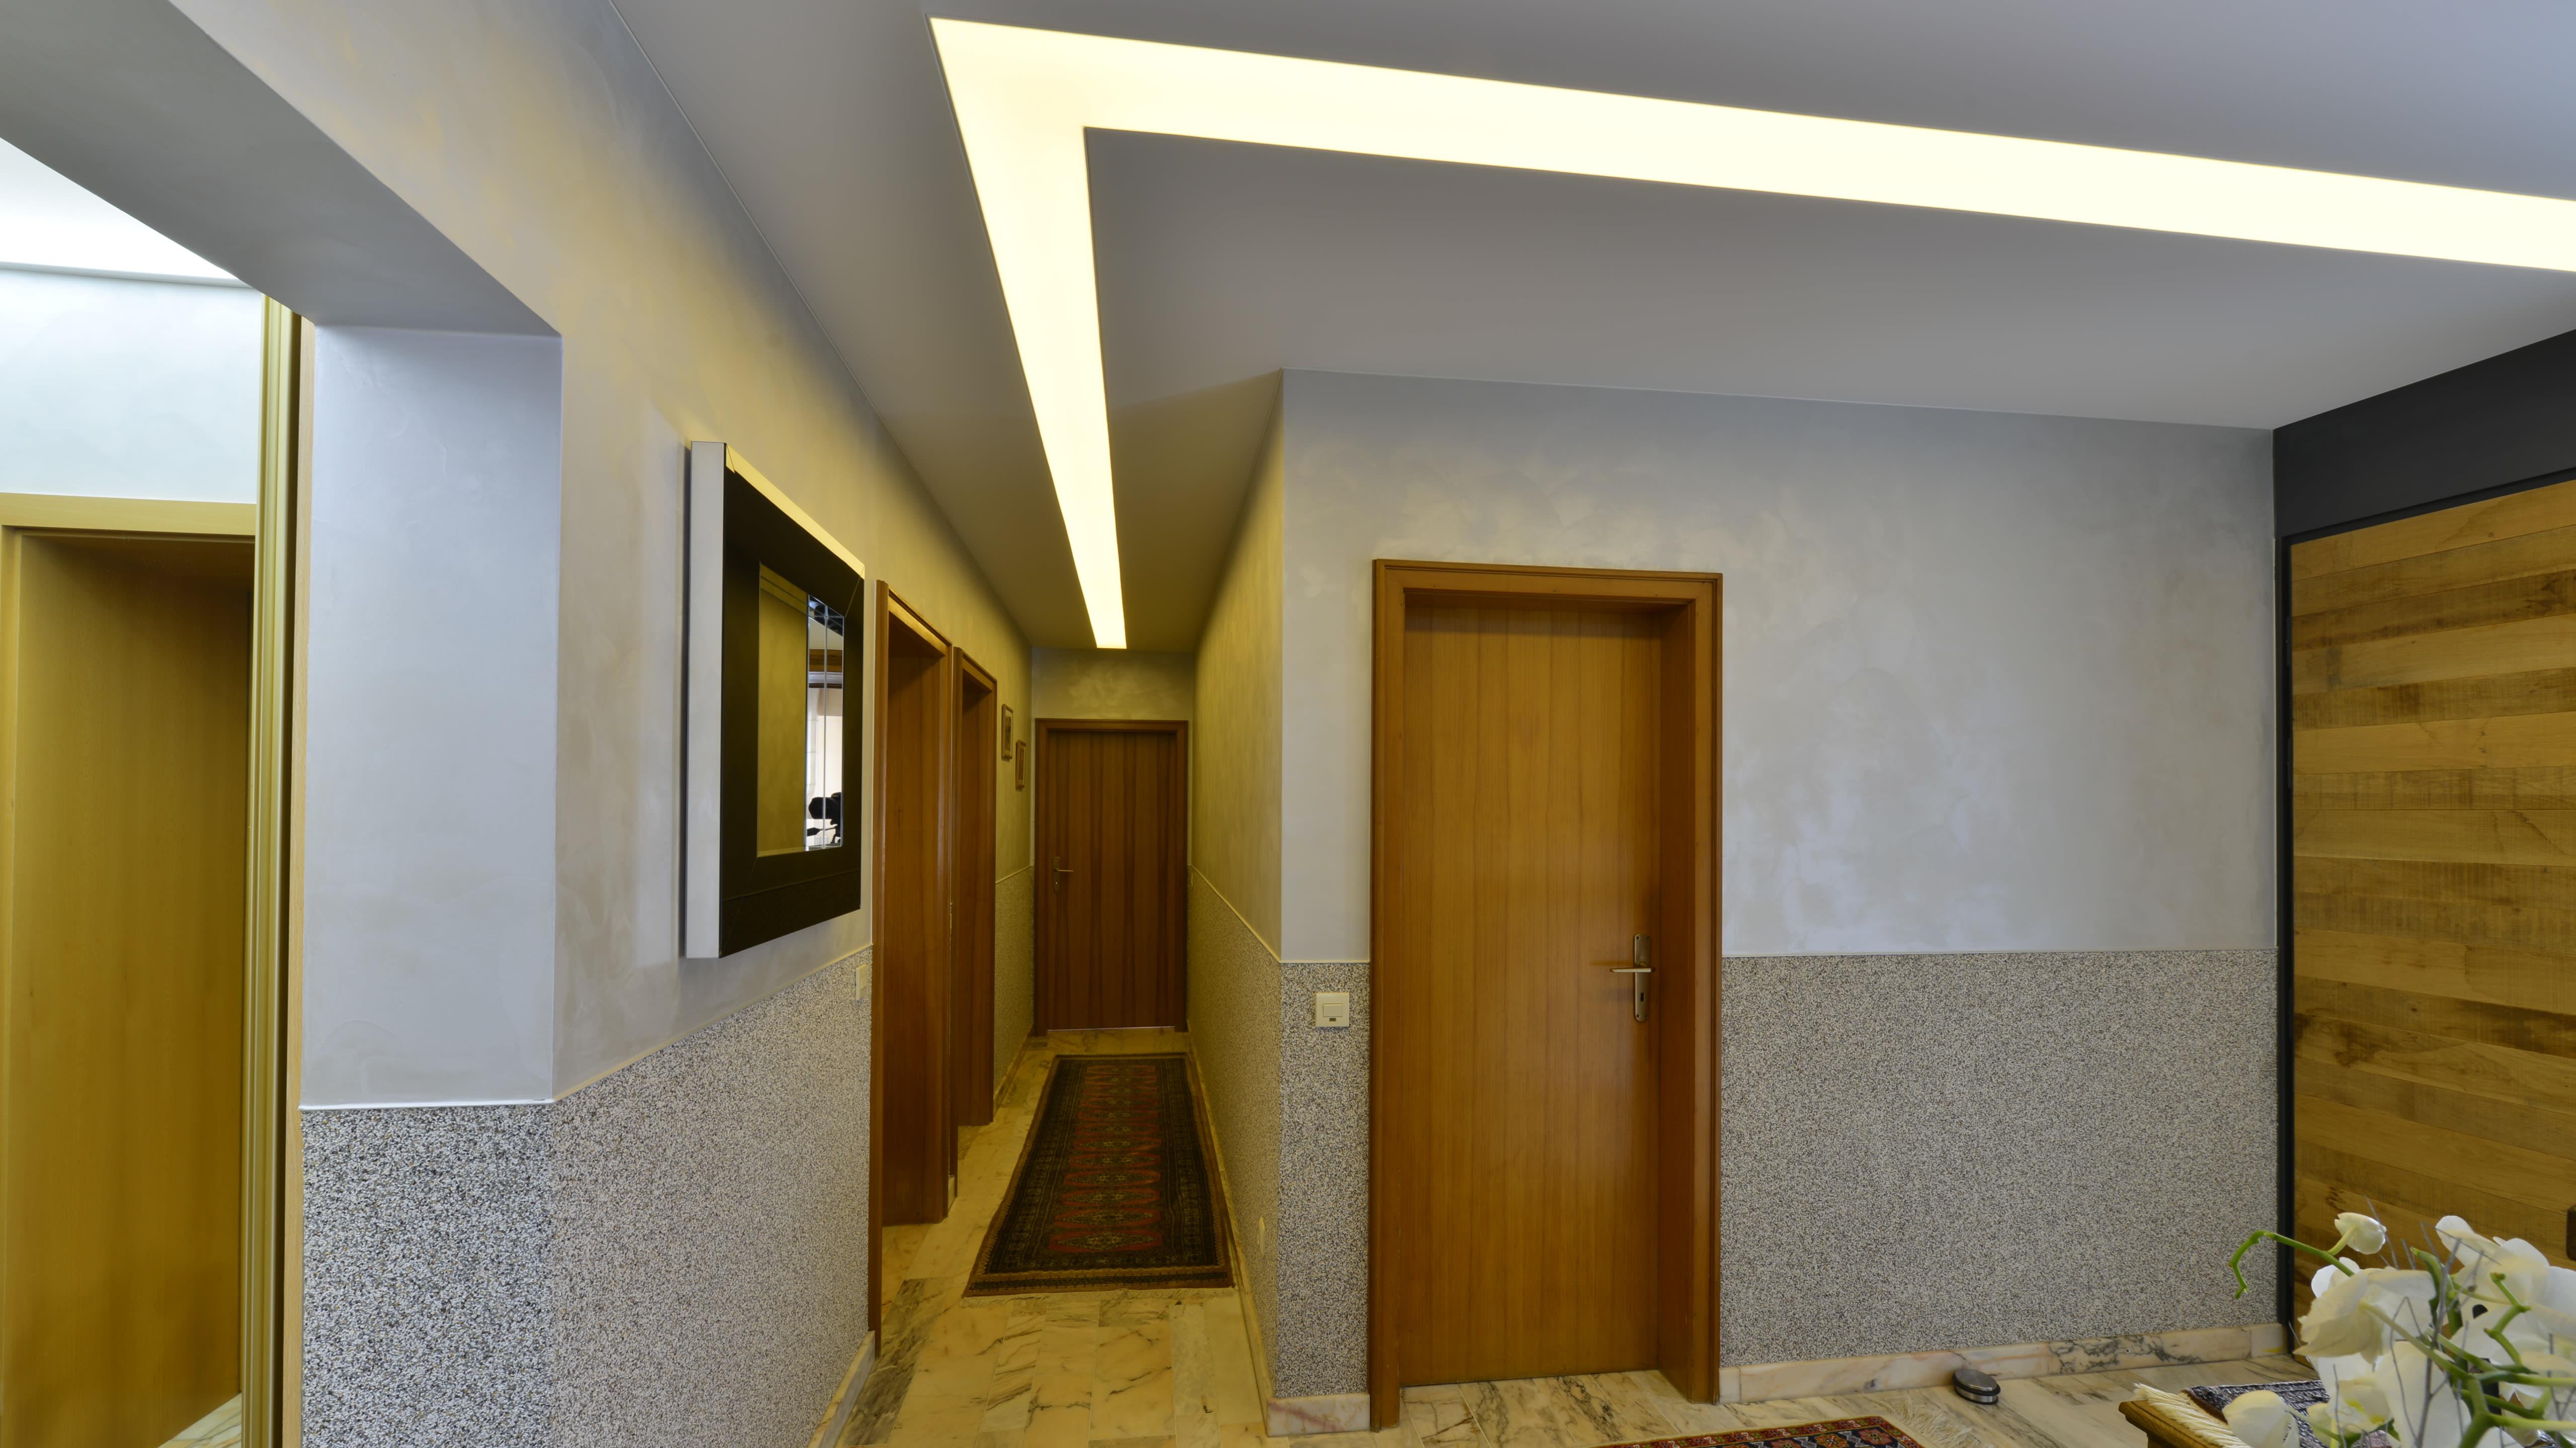 Referenzen privater Flur Eingangsbereich mit Beleuchtung andere Farben